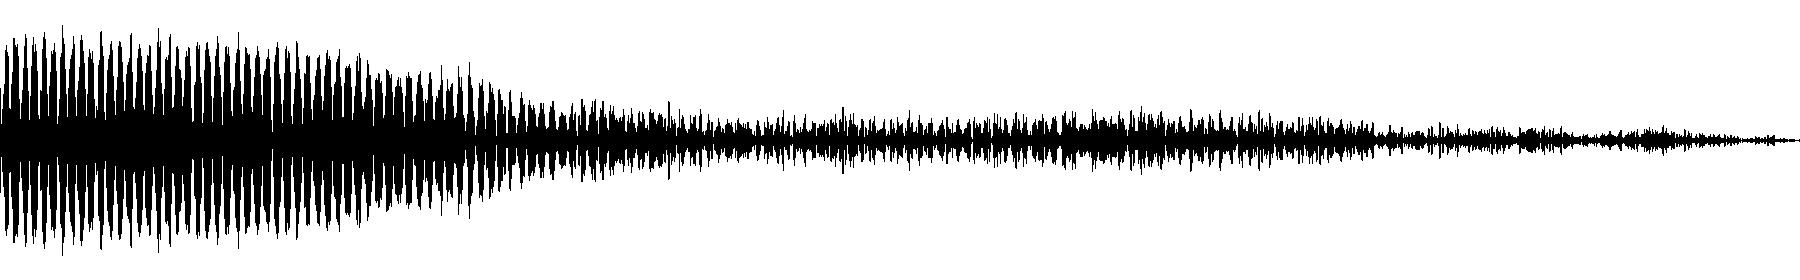 gia sound 24 b3